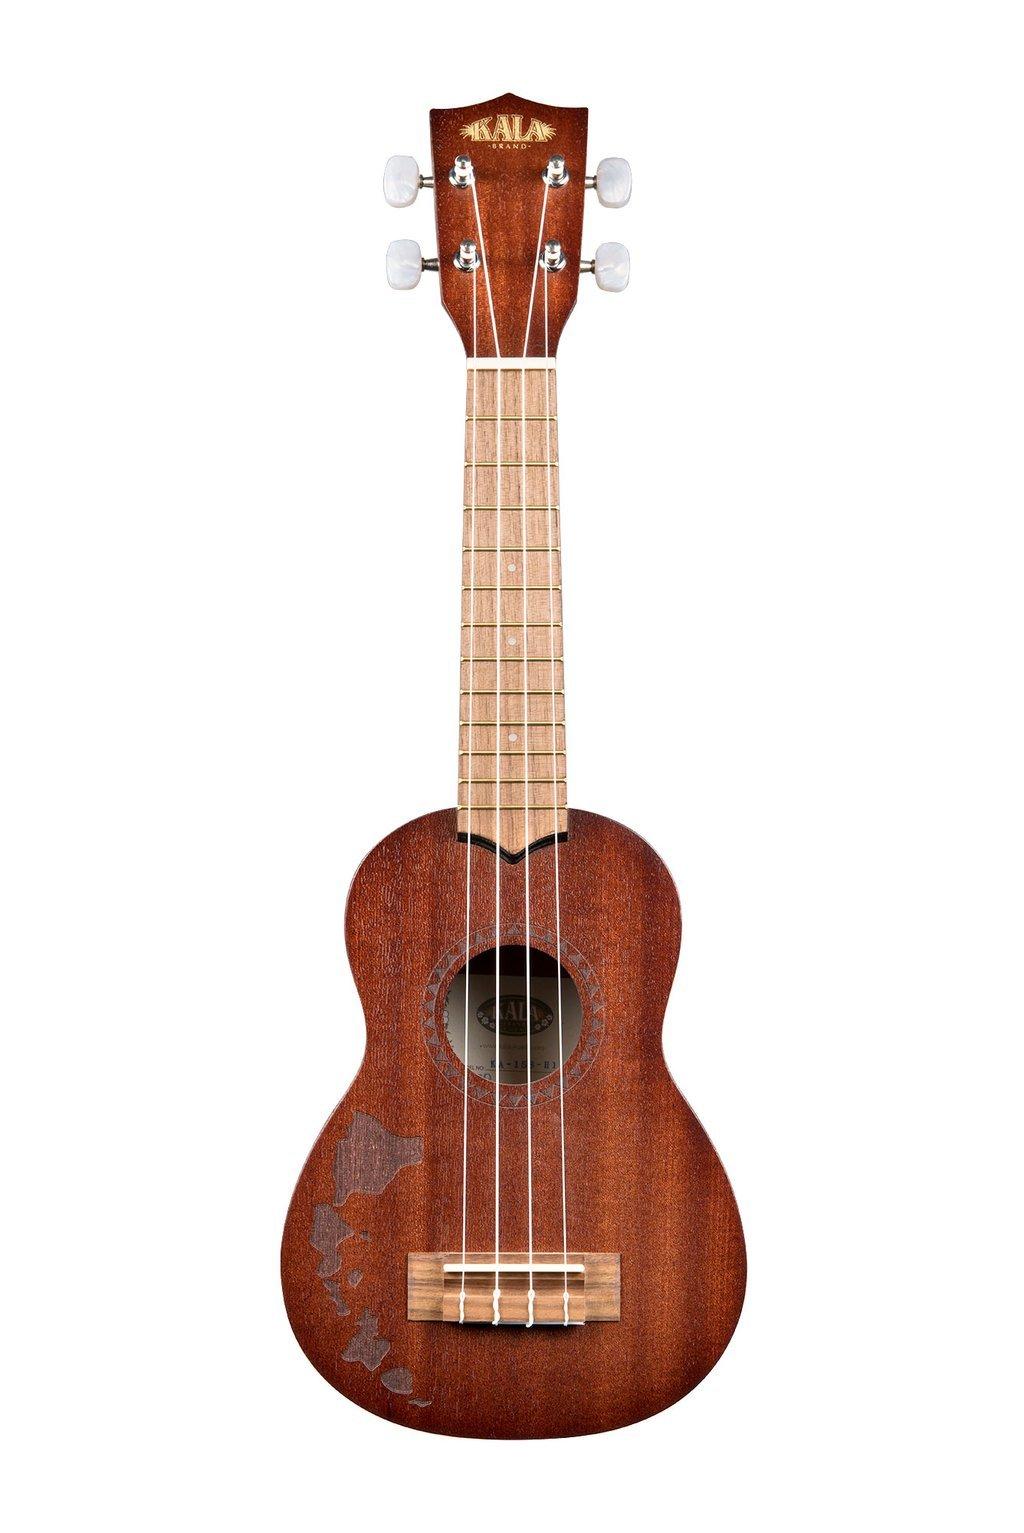 Kala KA-15S-H1 Satin Mahogany Soprano Ukulele w/Hawaiian Islands